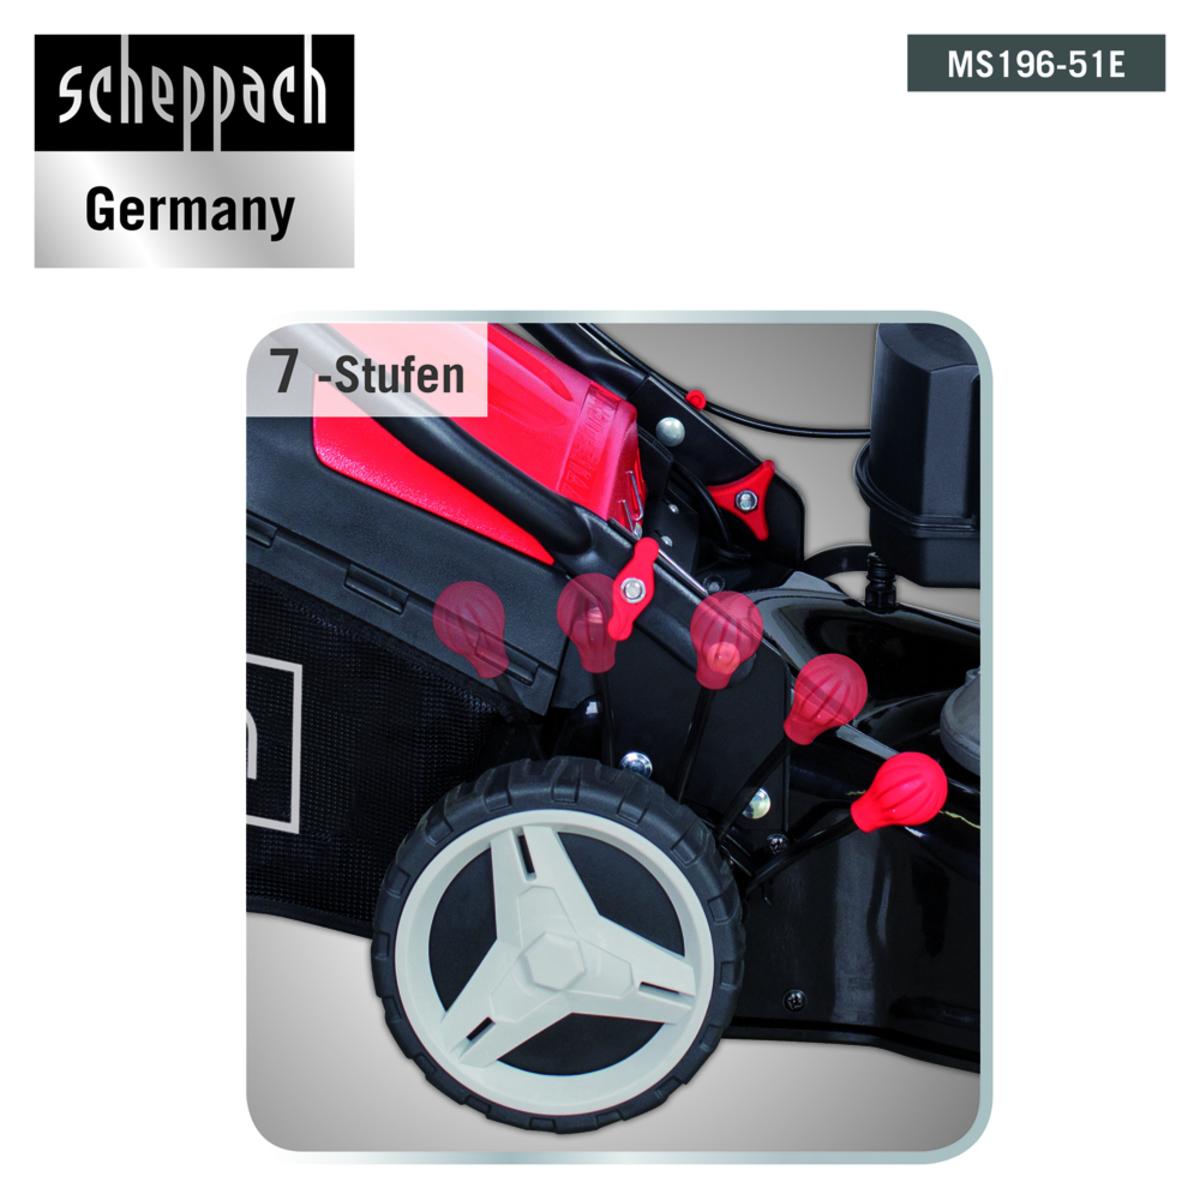 Bild 5 von Scheppach Benzinrasenmäher mit Radantrieb MS196-51E